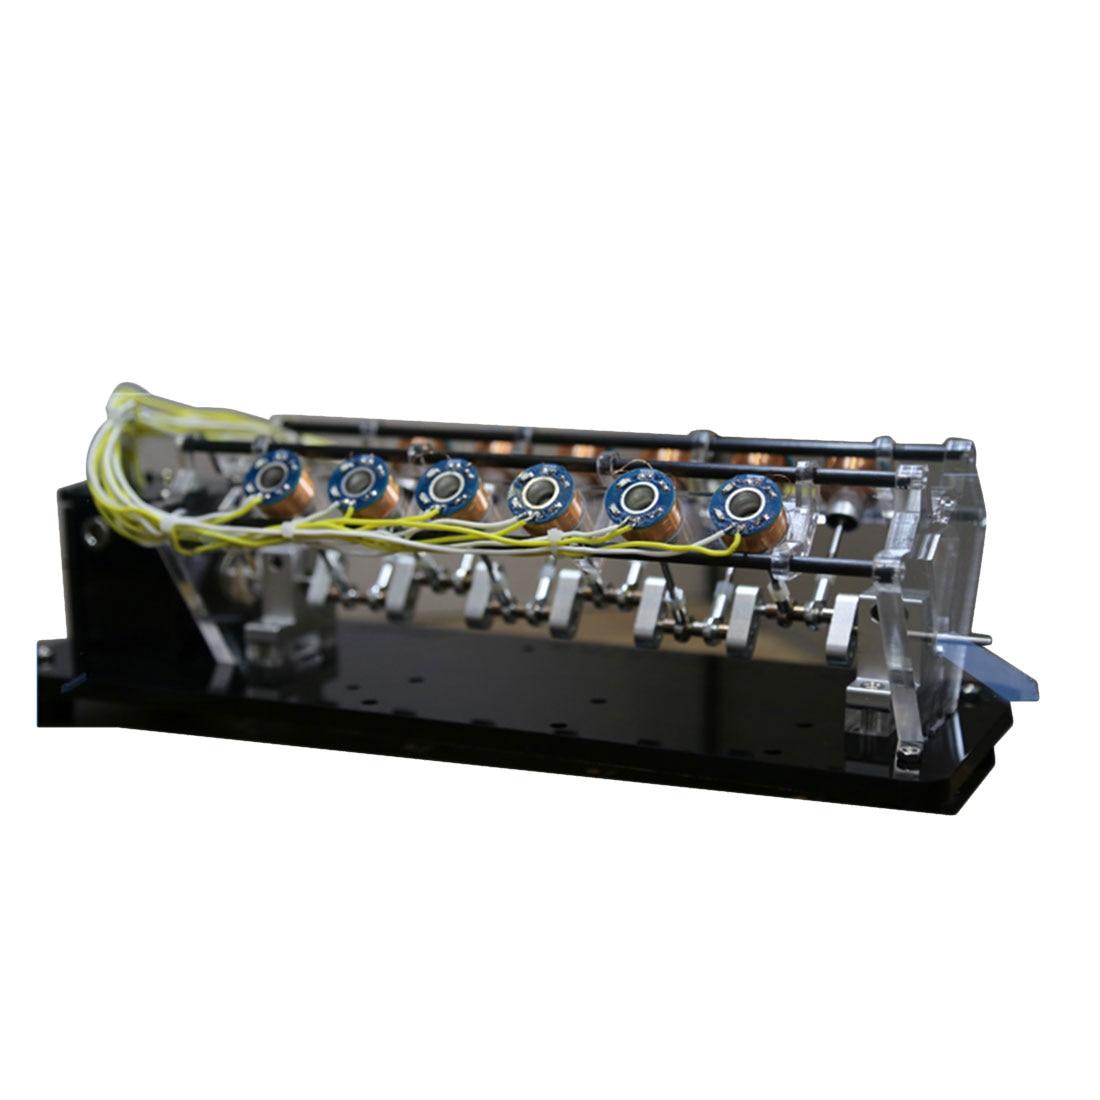 Surwish Stark 5v 6w Power V shape Electromotor Model High Speed Electromagnet Car Engine of 12 Coil Coil Random Color